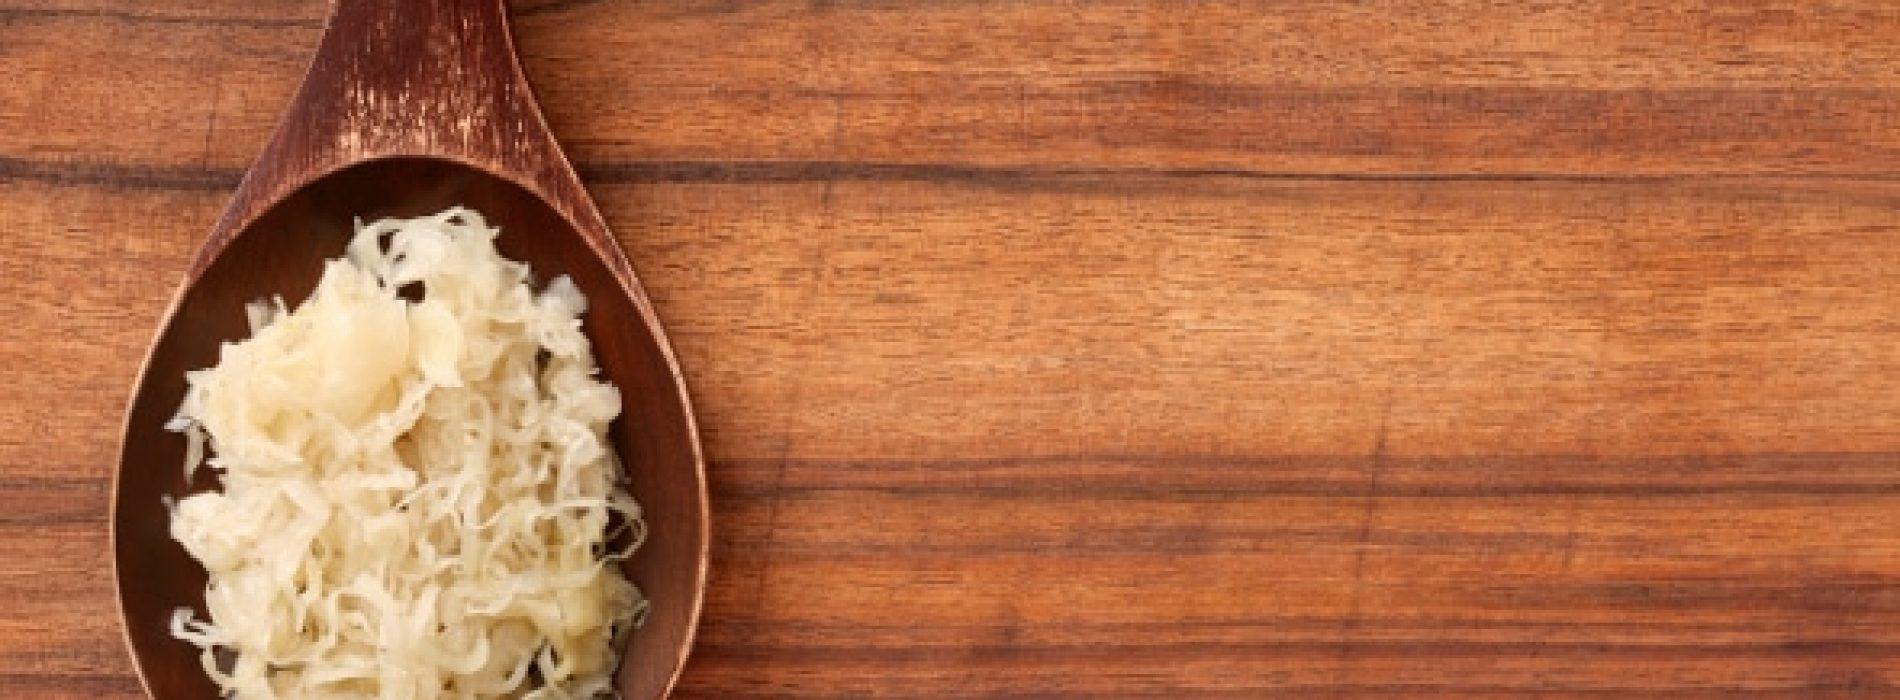 8 verrassende gezondheidsvoordelen van zuurkool (en hoe het te maken)